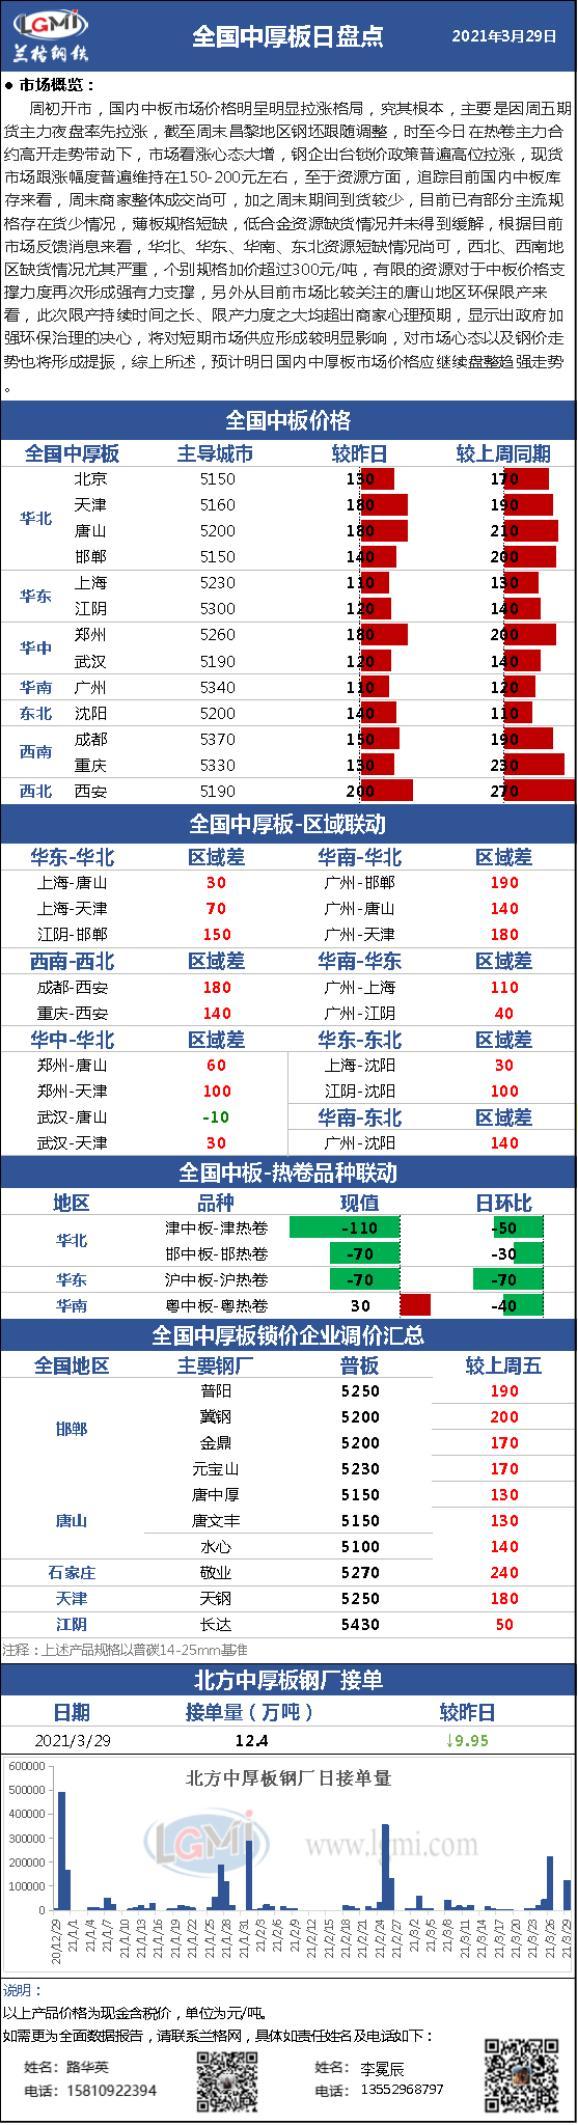 兰格中厚板日盘点(3.29):国内中厚板市场价格暴力拉涨 下游整体接受程度有限